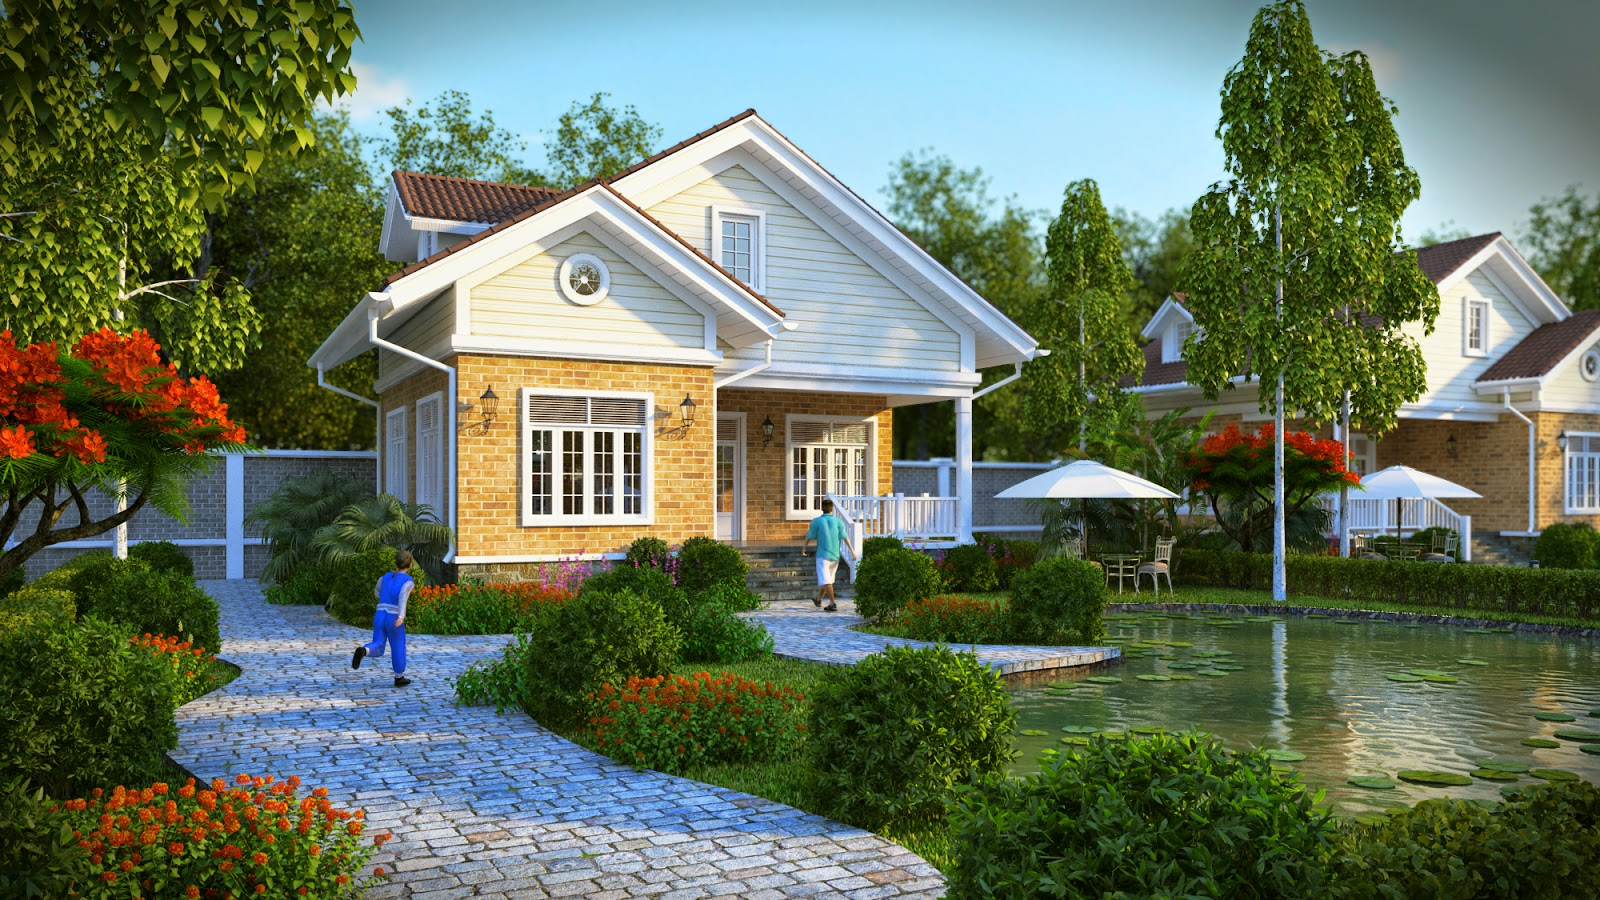 Những ý tưởng thiết kế biệt thự vườn đẹp từ nước